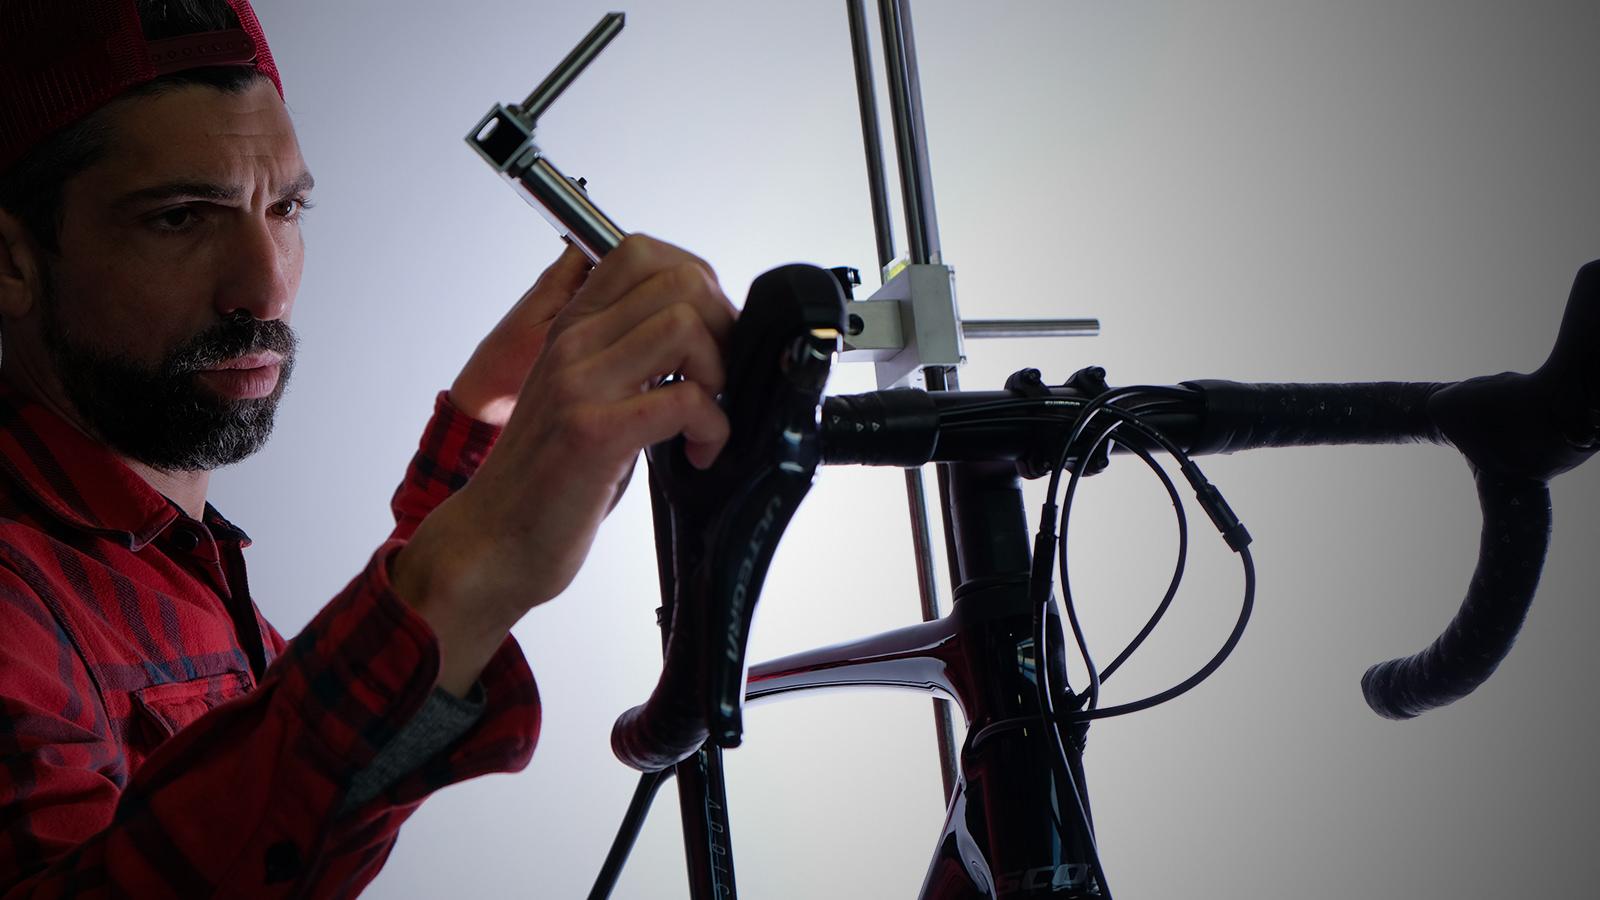 Regolazione Assetto - Test Biomeccanico Ciclismo Sessantallora